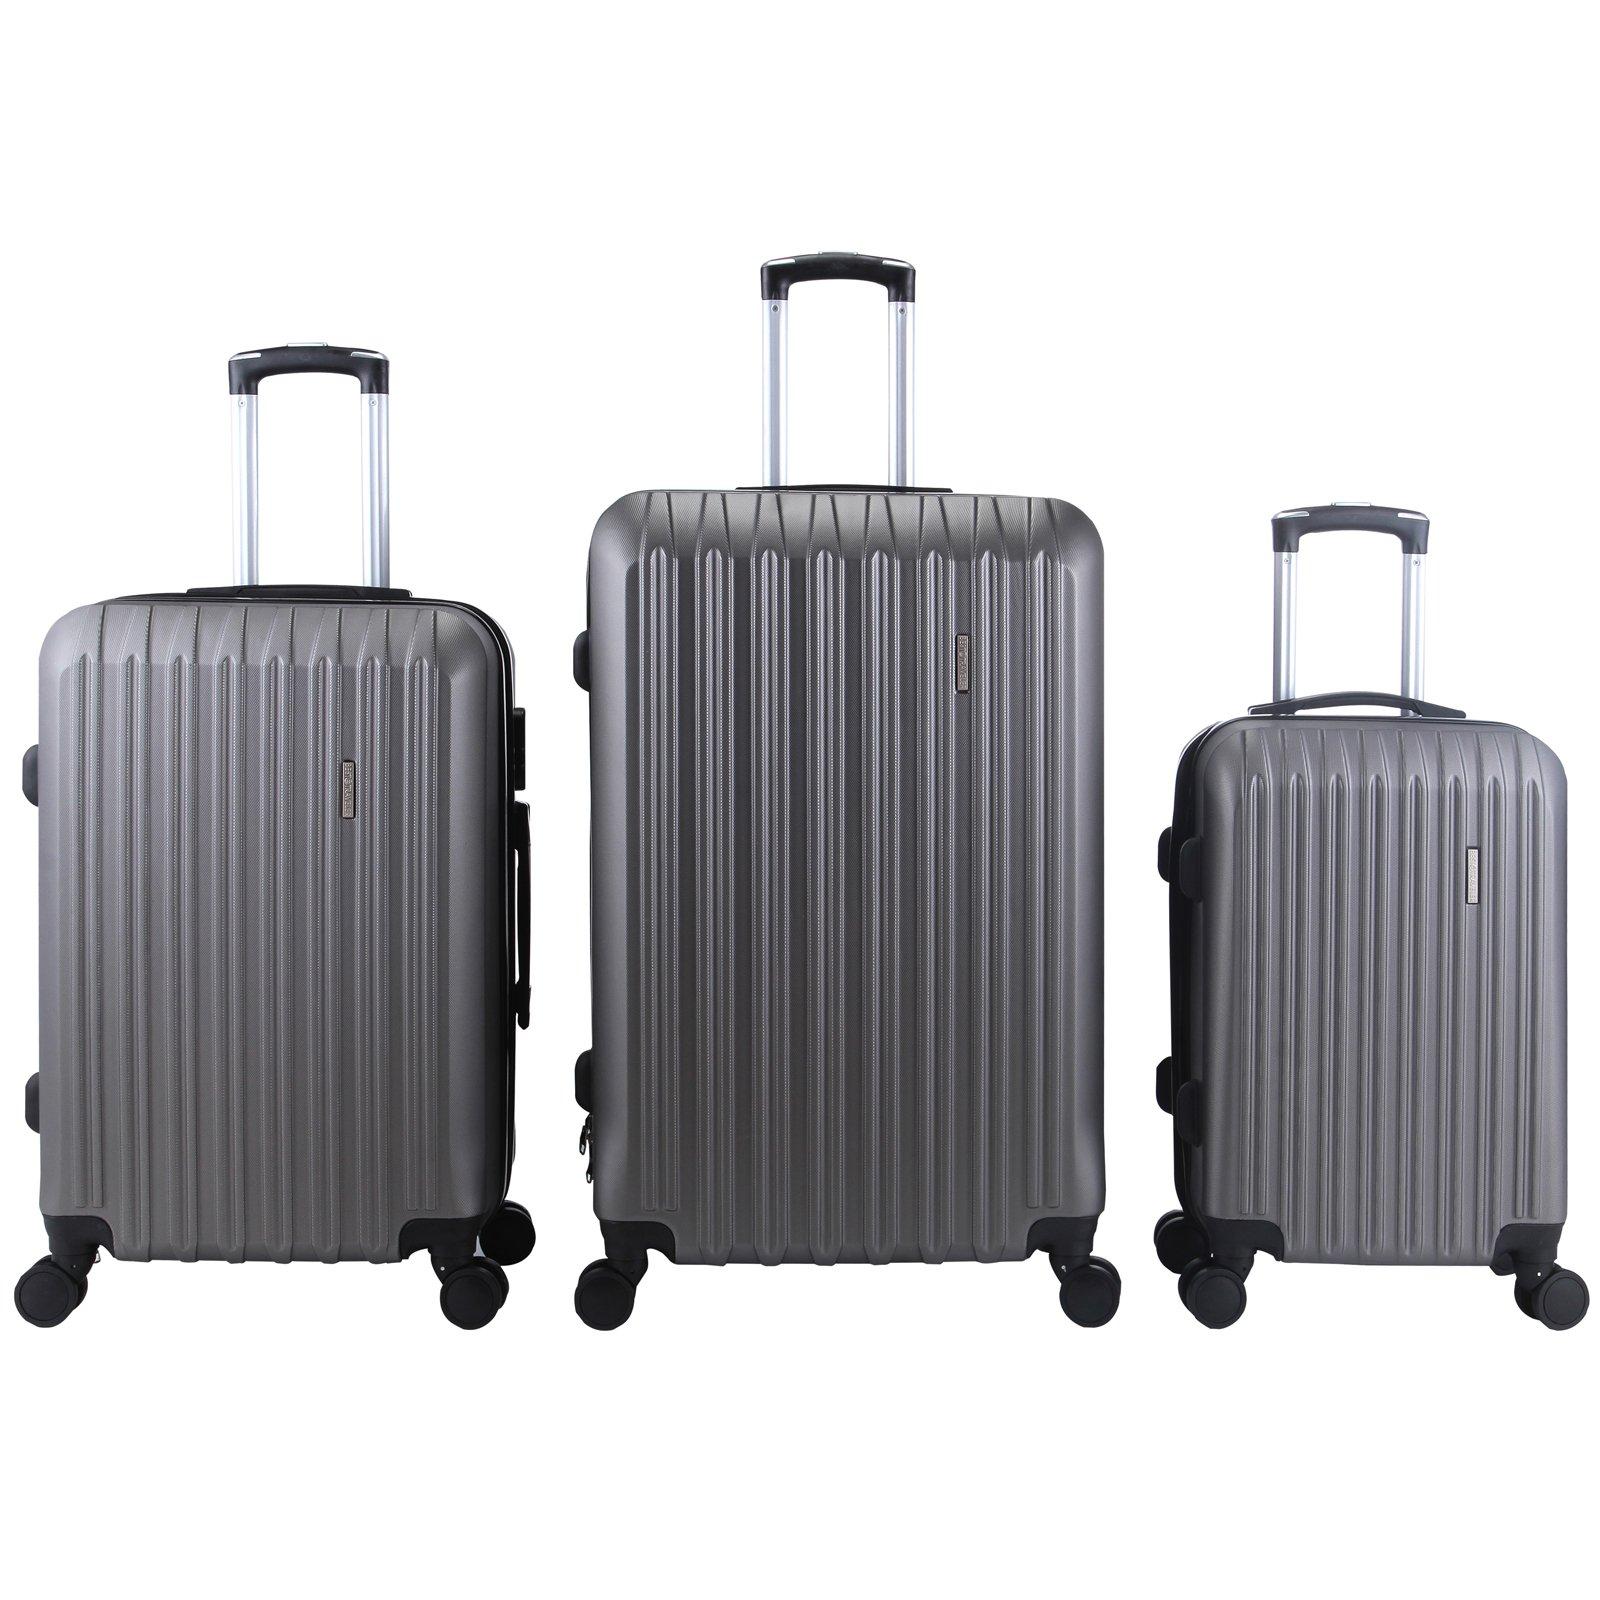 Murtisol 2PCs & 3 PCs & 4 PCs Luggage Set Travel Suitcase set Hardside/Trolley/Spinner/Expandable